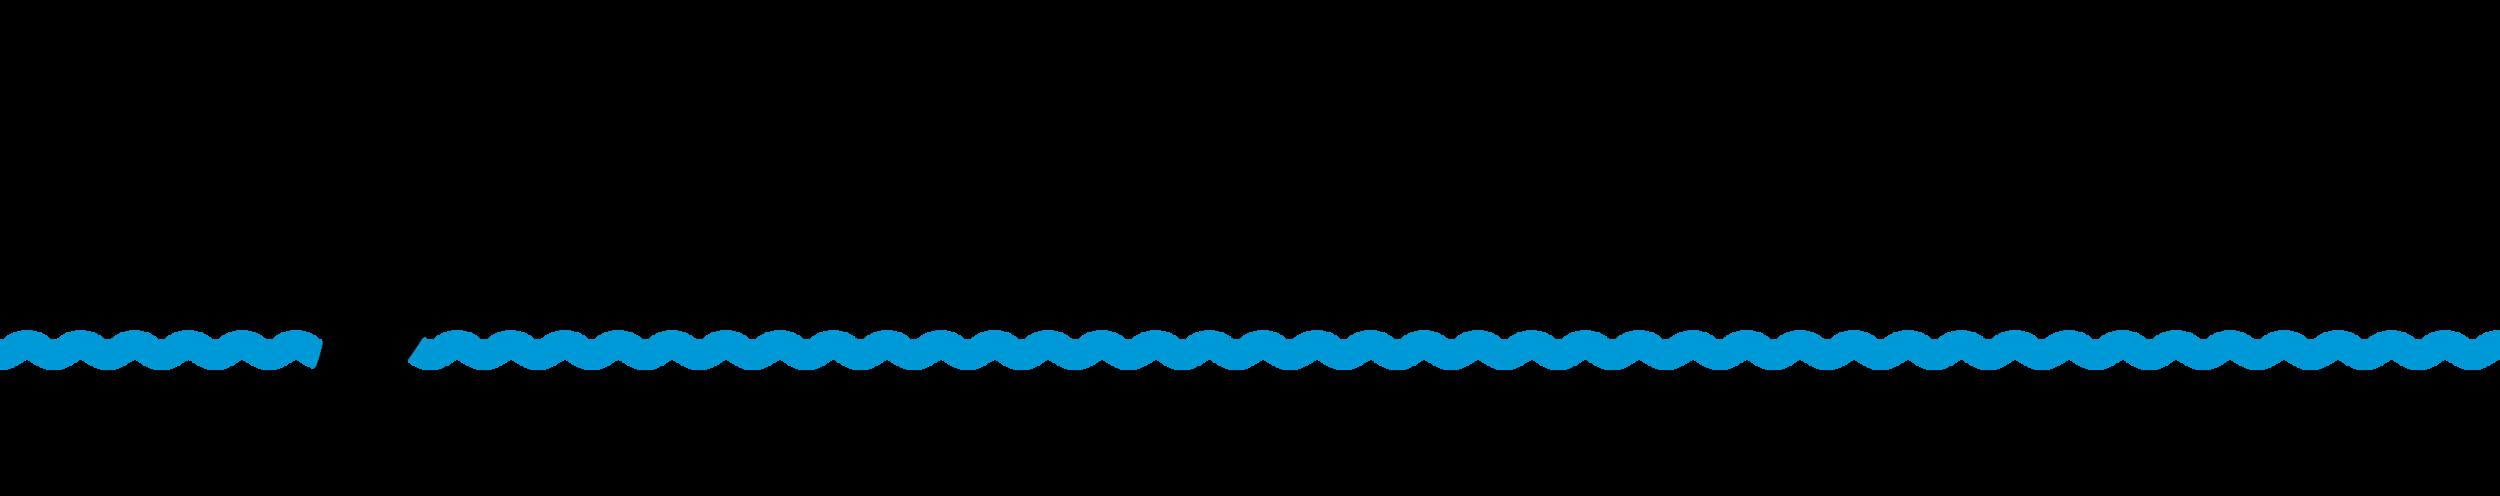 8215 Heron Logo Rebuild v3.png